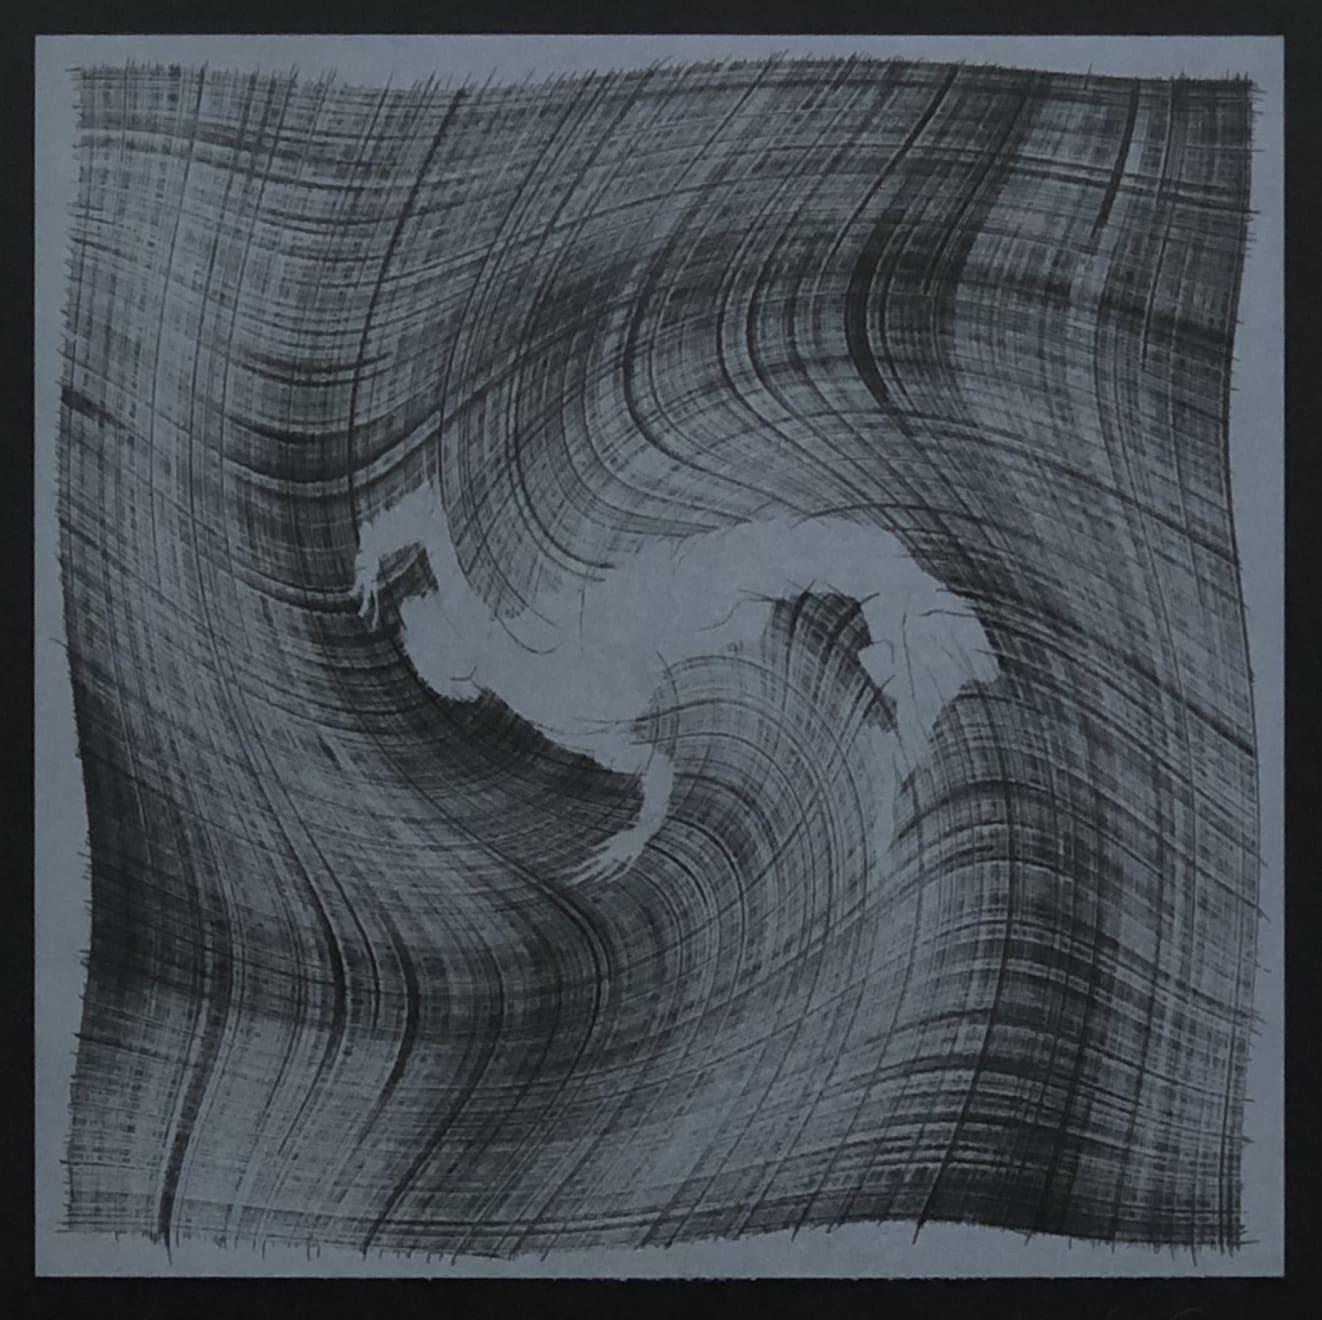 Veta Gorner, Eternal Lines (on black), 2020